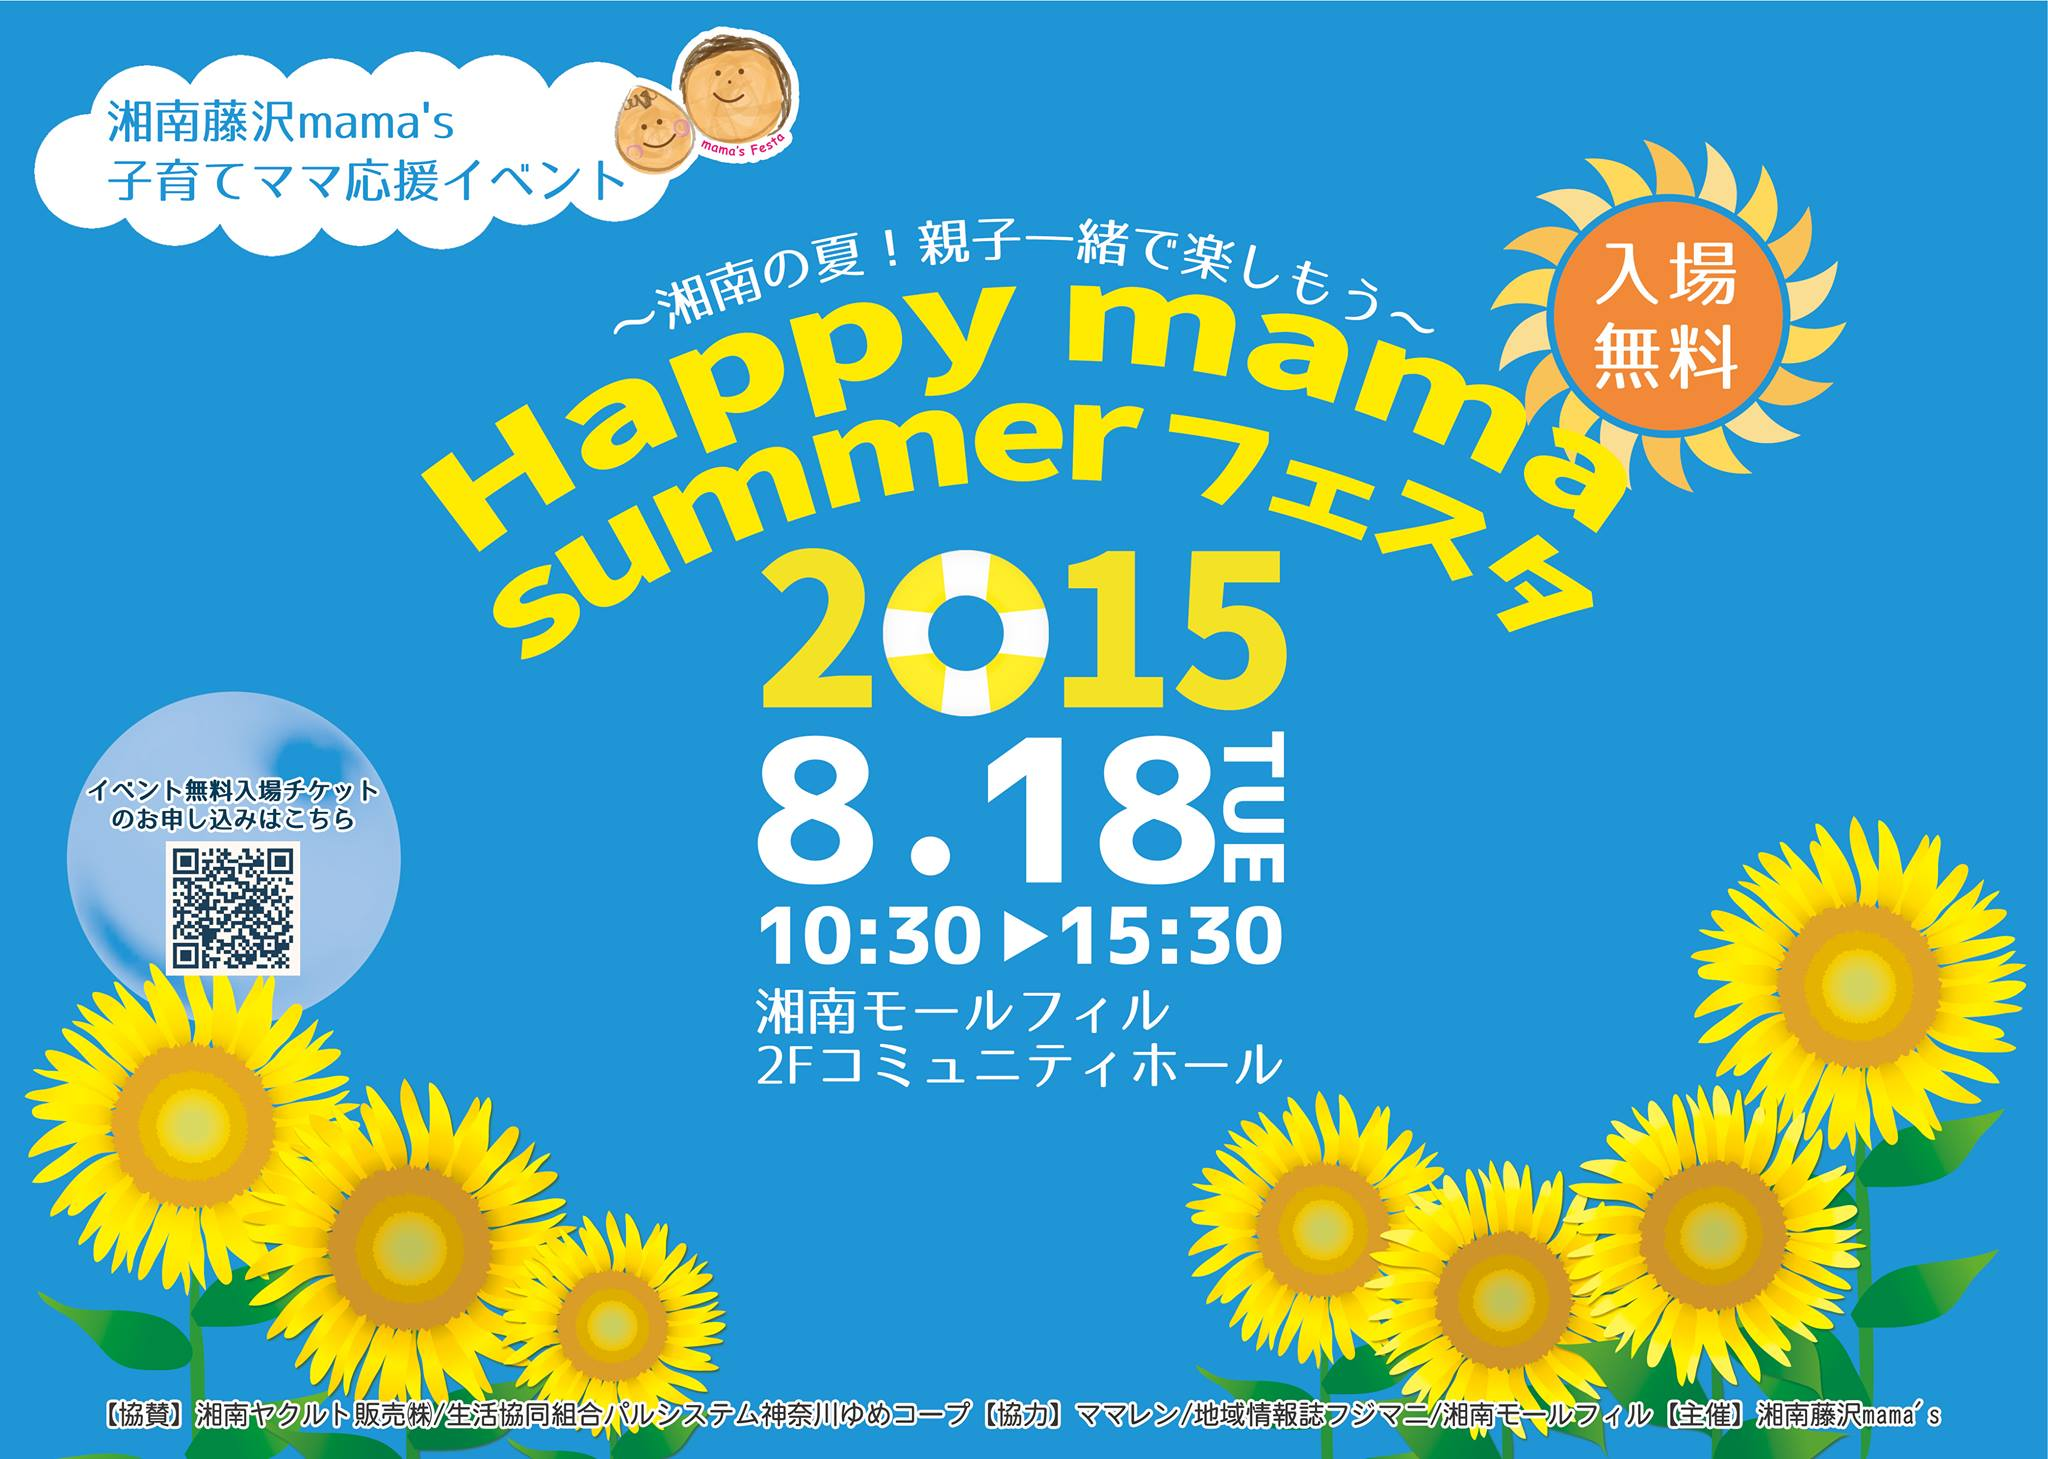 第5回 湘南藤沢mama'sフェスタ 2015.8.18